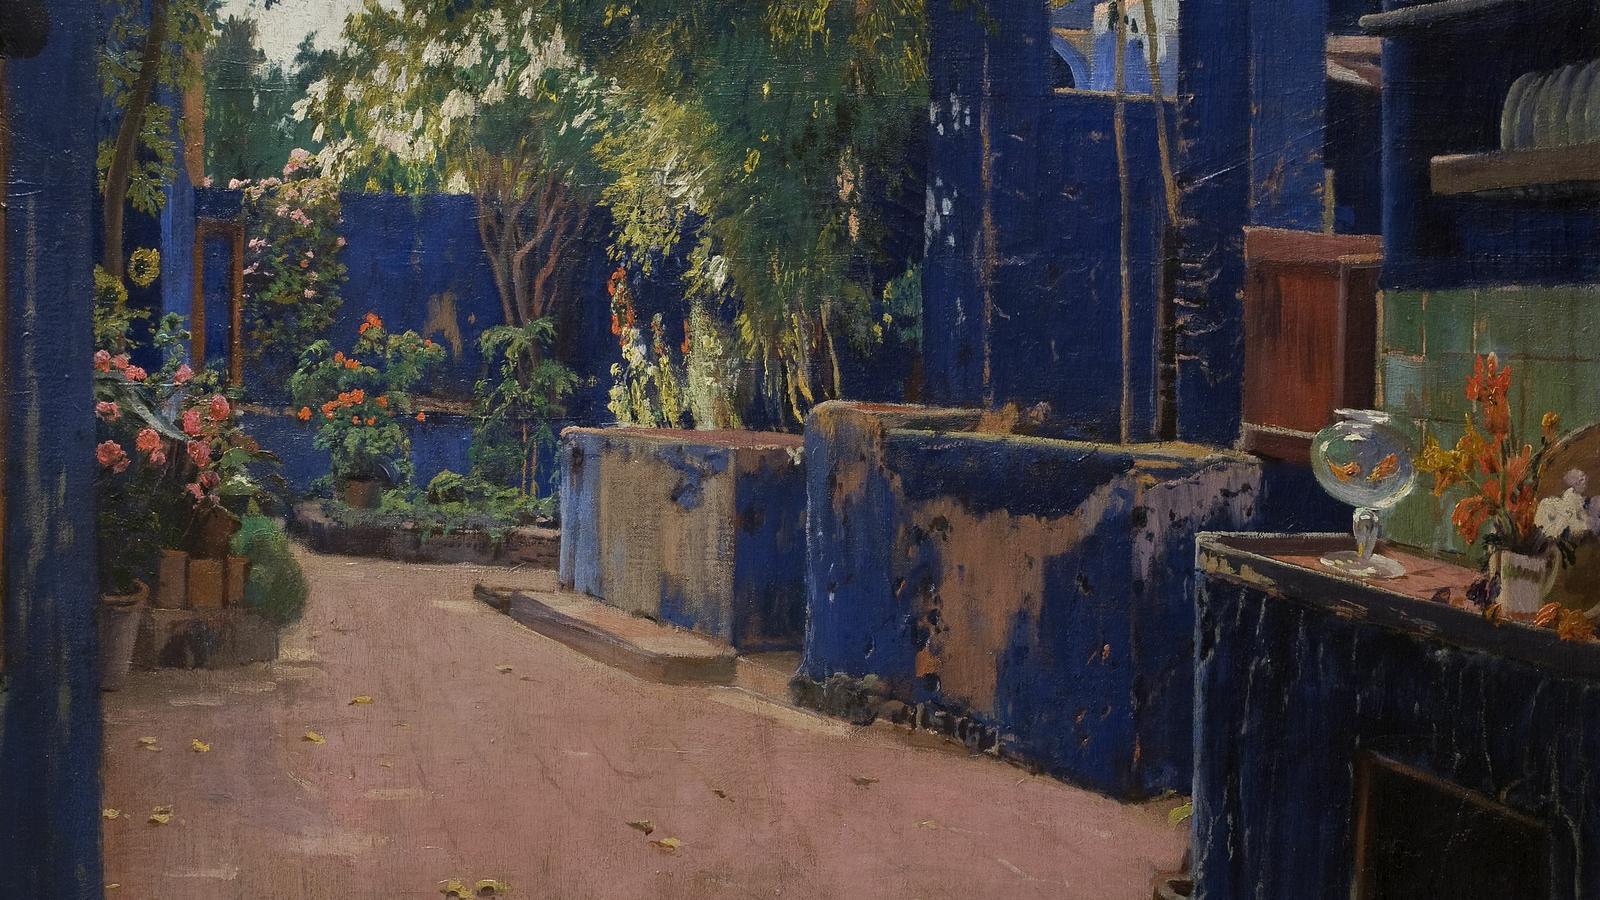 'Pati blau Any' (1913), Santiago Rusiñol. © Museu Nacional d'Art de Catalunya, Barcelona, 2019.